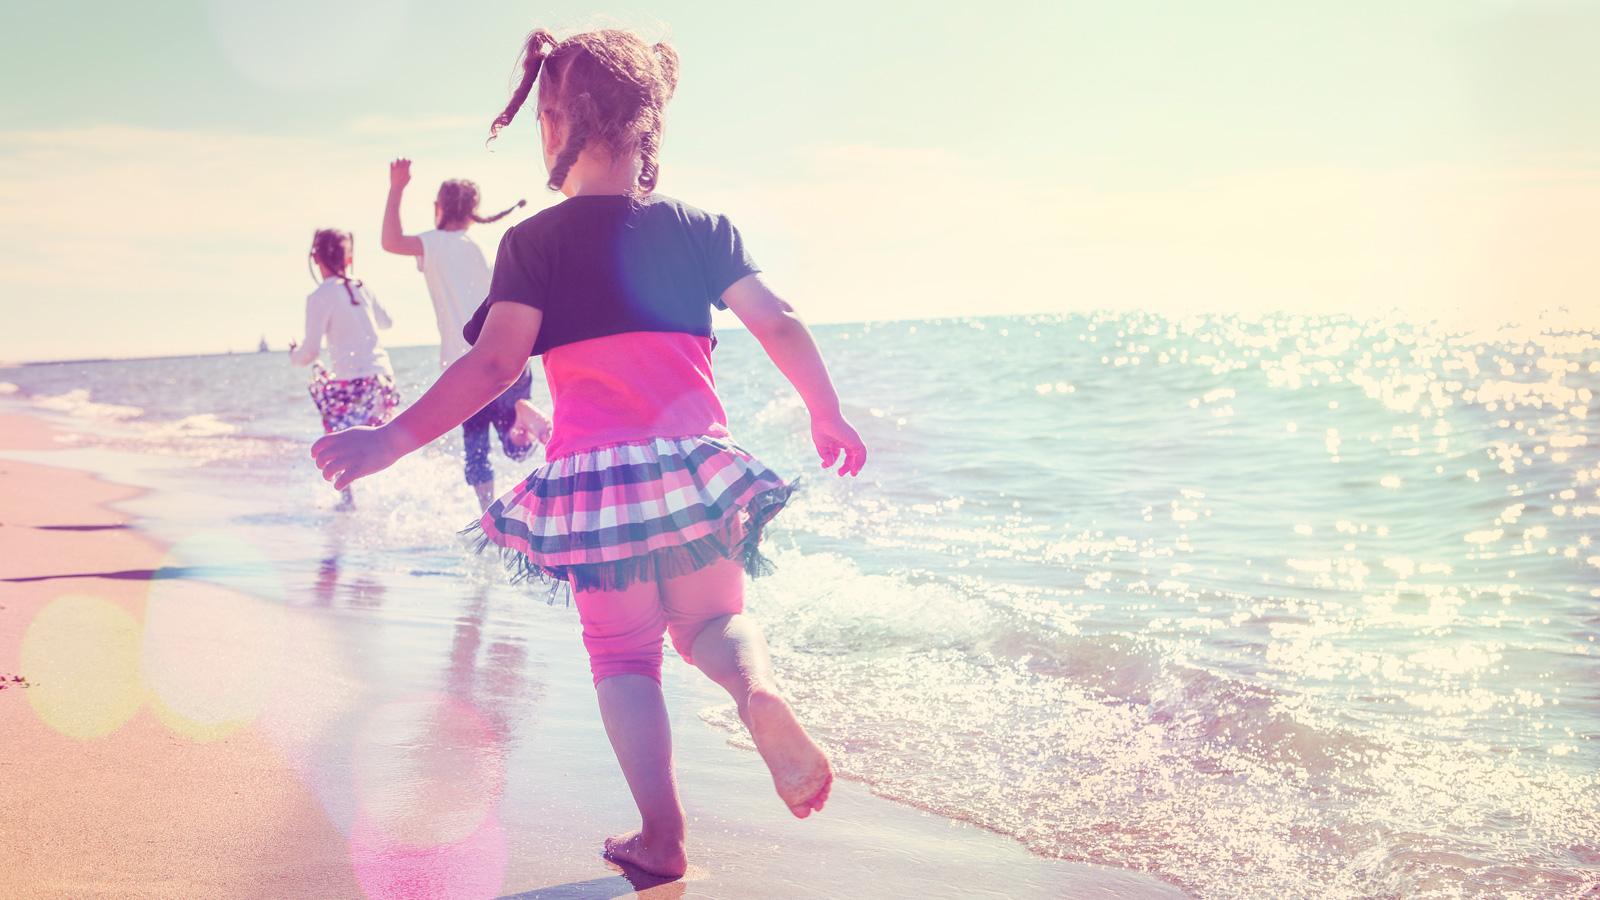 bigstock-Children-running-on-the-beach--79103224